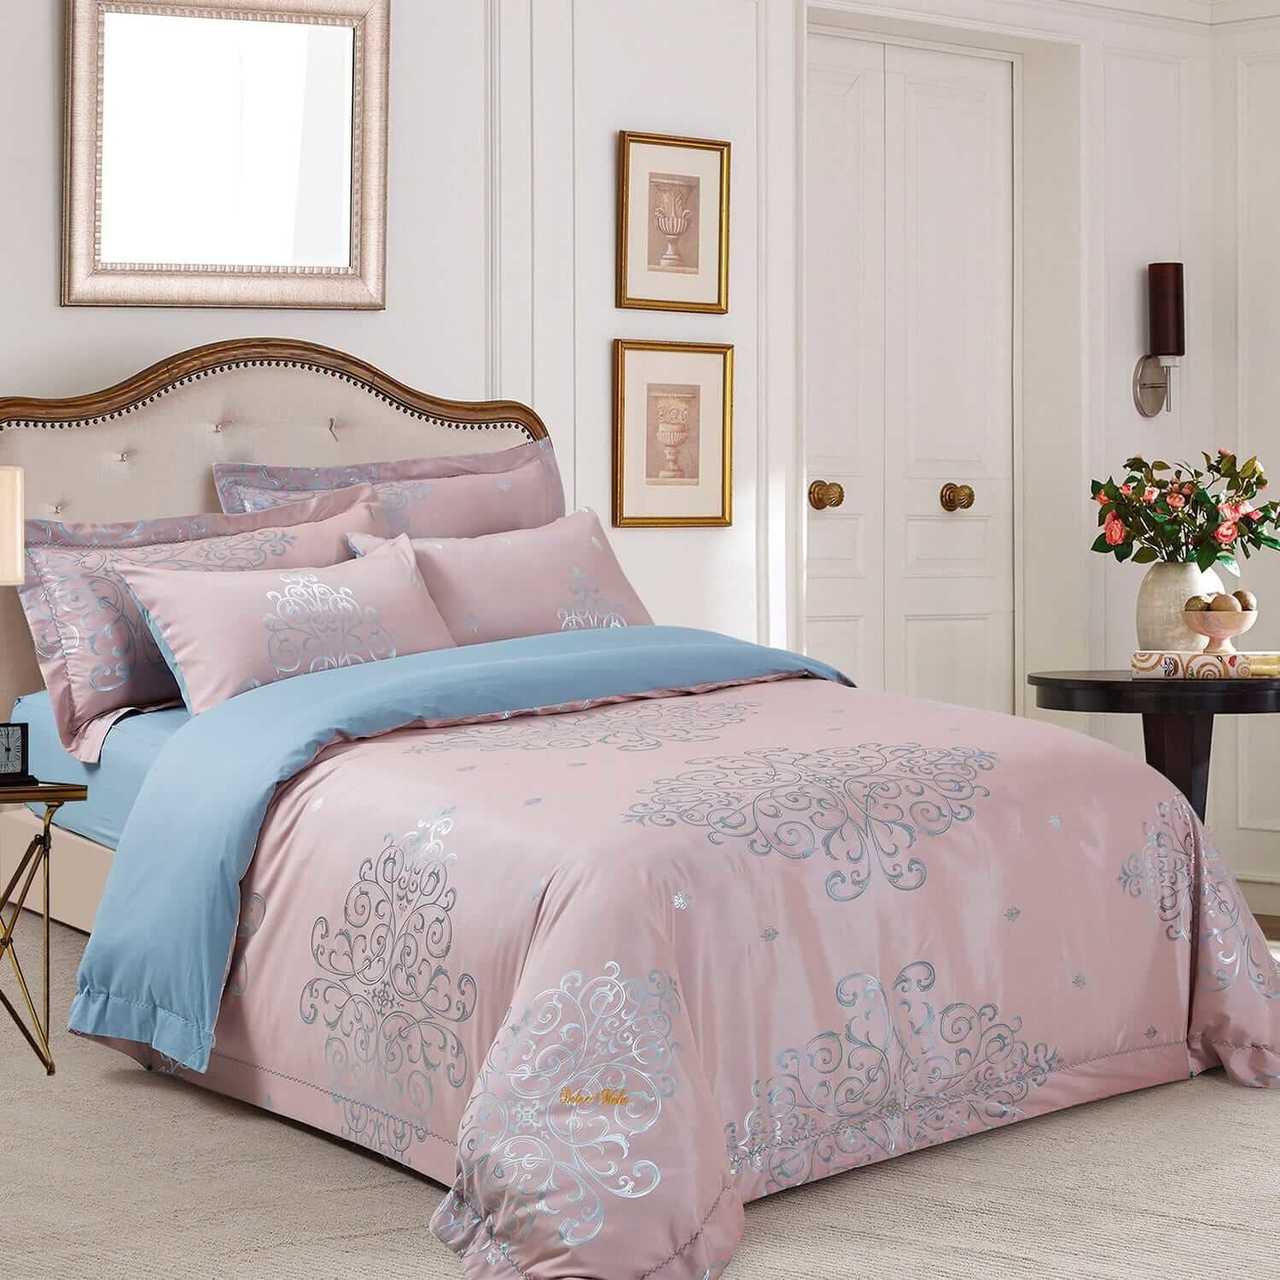 Dolce Mela DM504K Duvet Cover Set UPC: 8171460143094